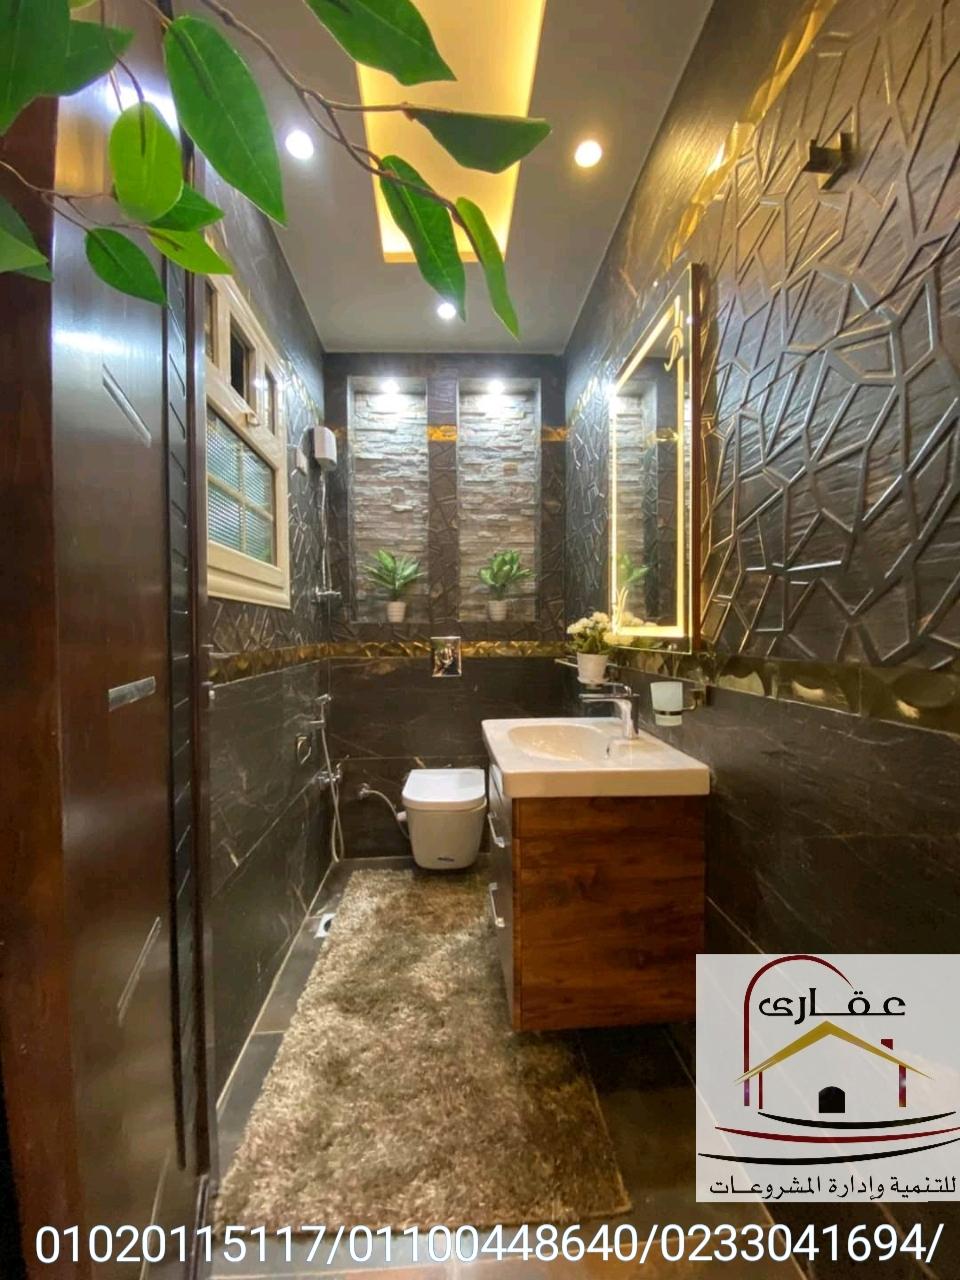 مقاسات الحمامات الصغيرة / تصميم حمامات كبيرة 2020 /عقارى 01100448640        Whats139